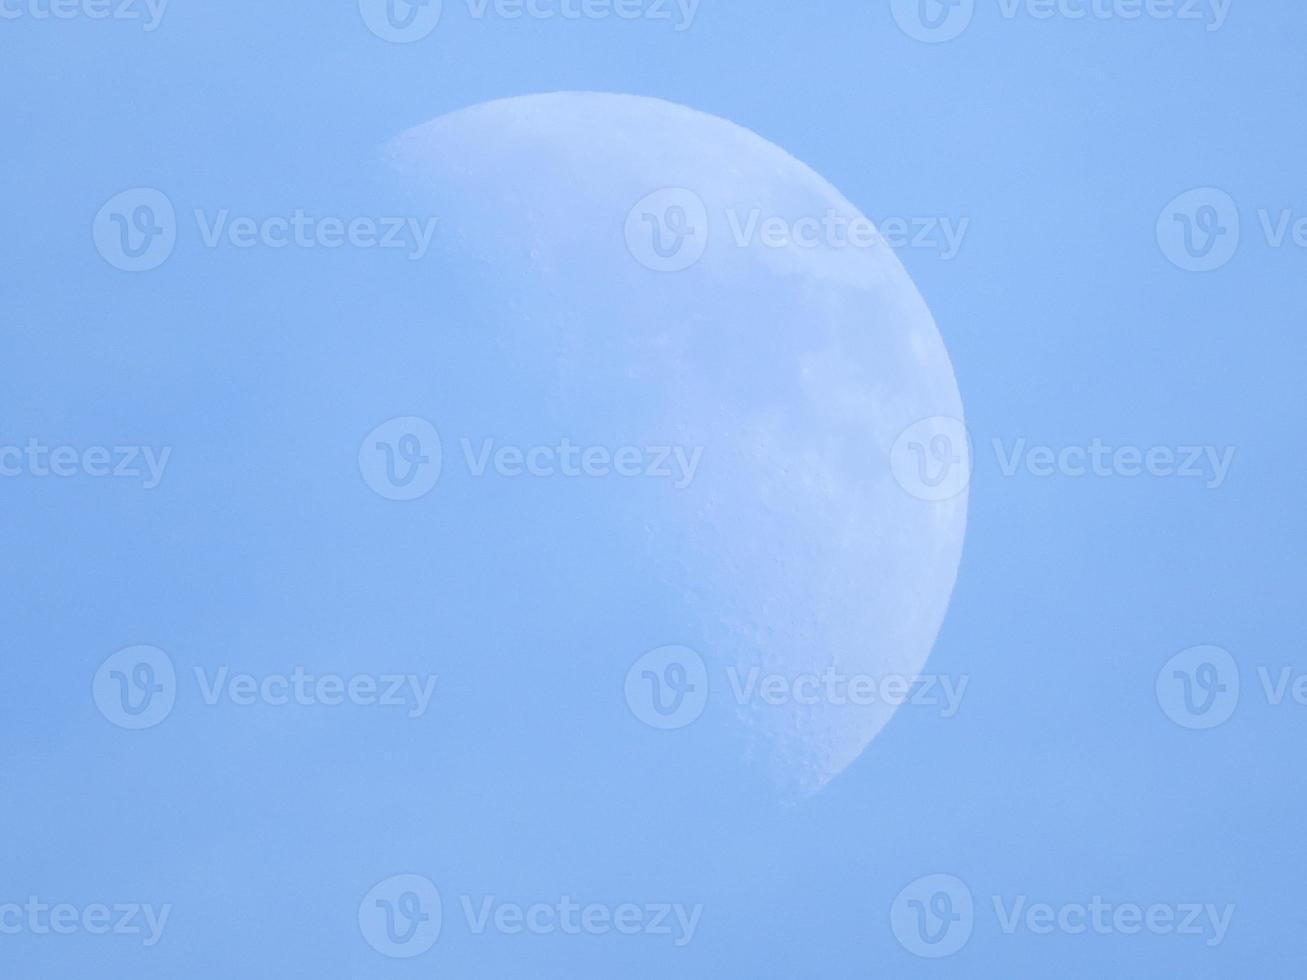 Halbmond im blauen Himmel während des Tages foto